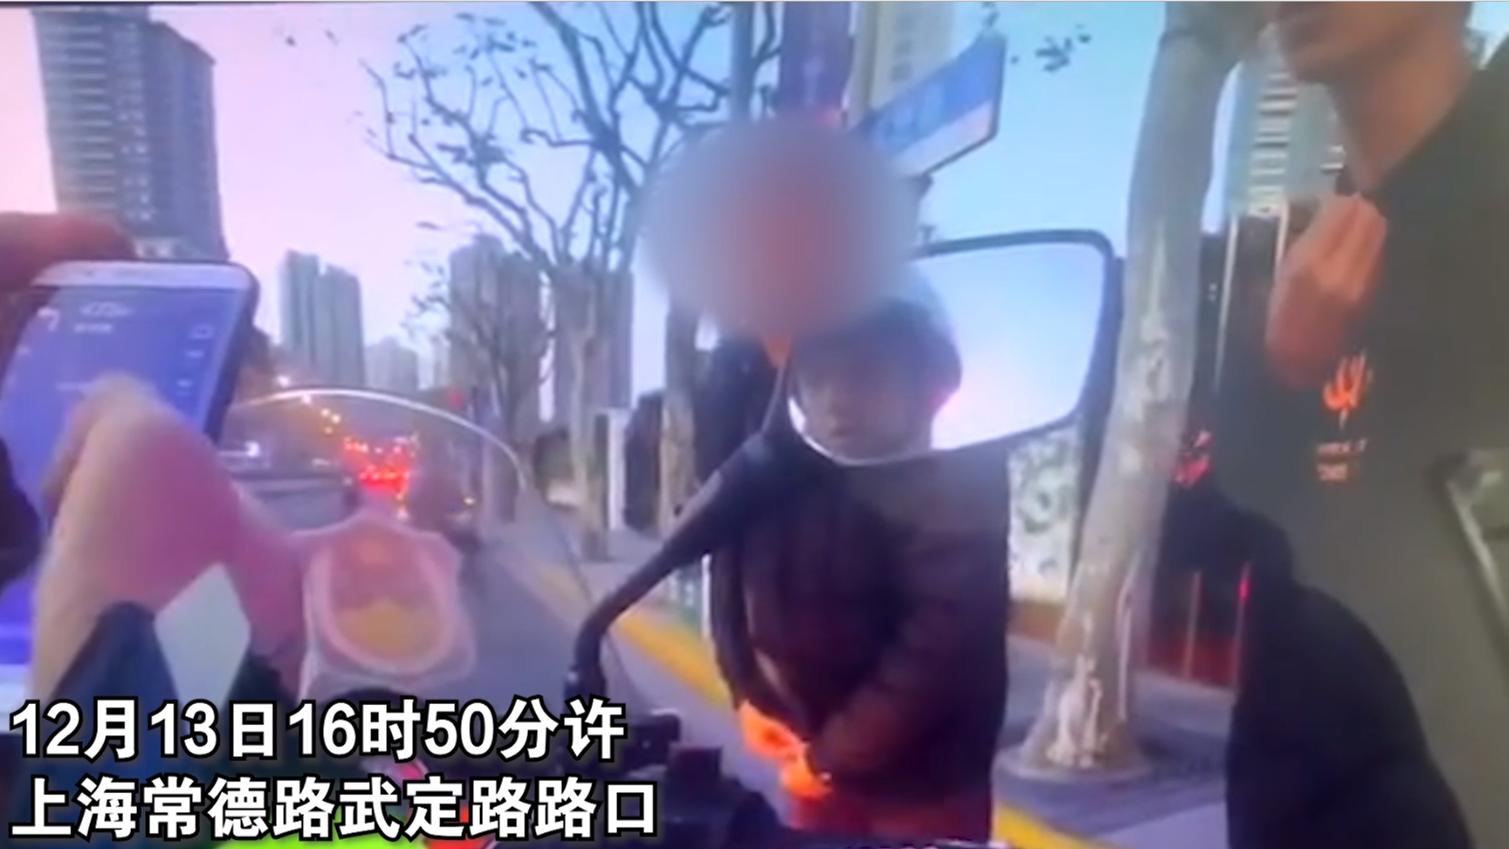 视频 | 孩子误吞硬币家长街头求助 上海交警拉响警报开道护送